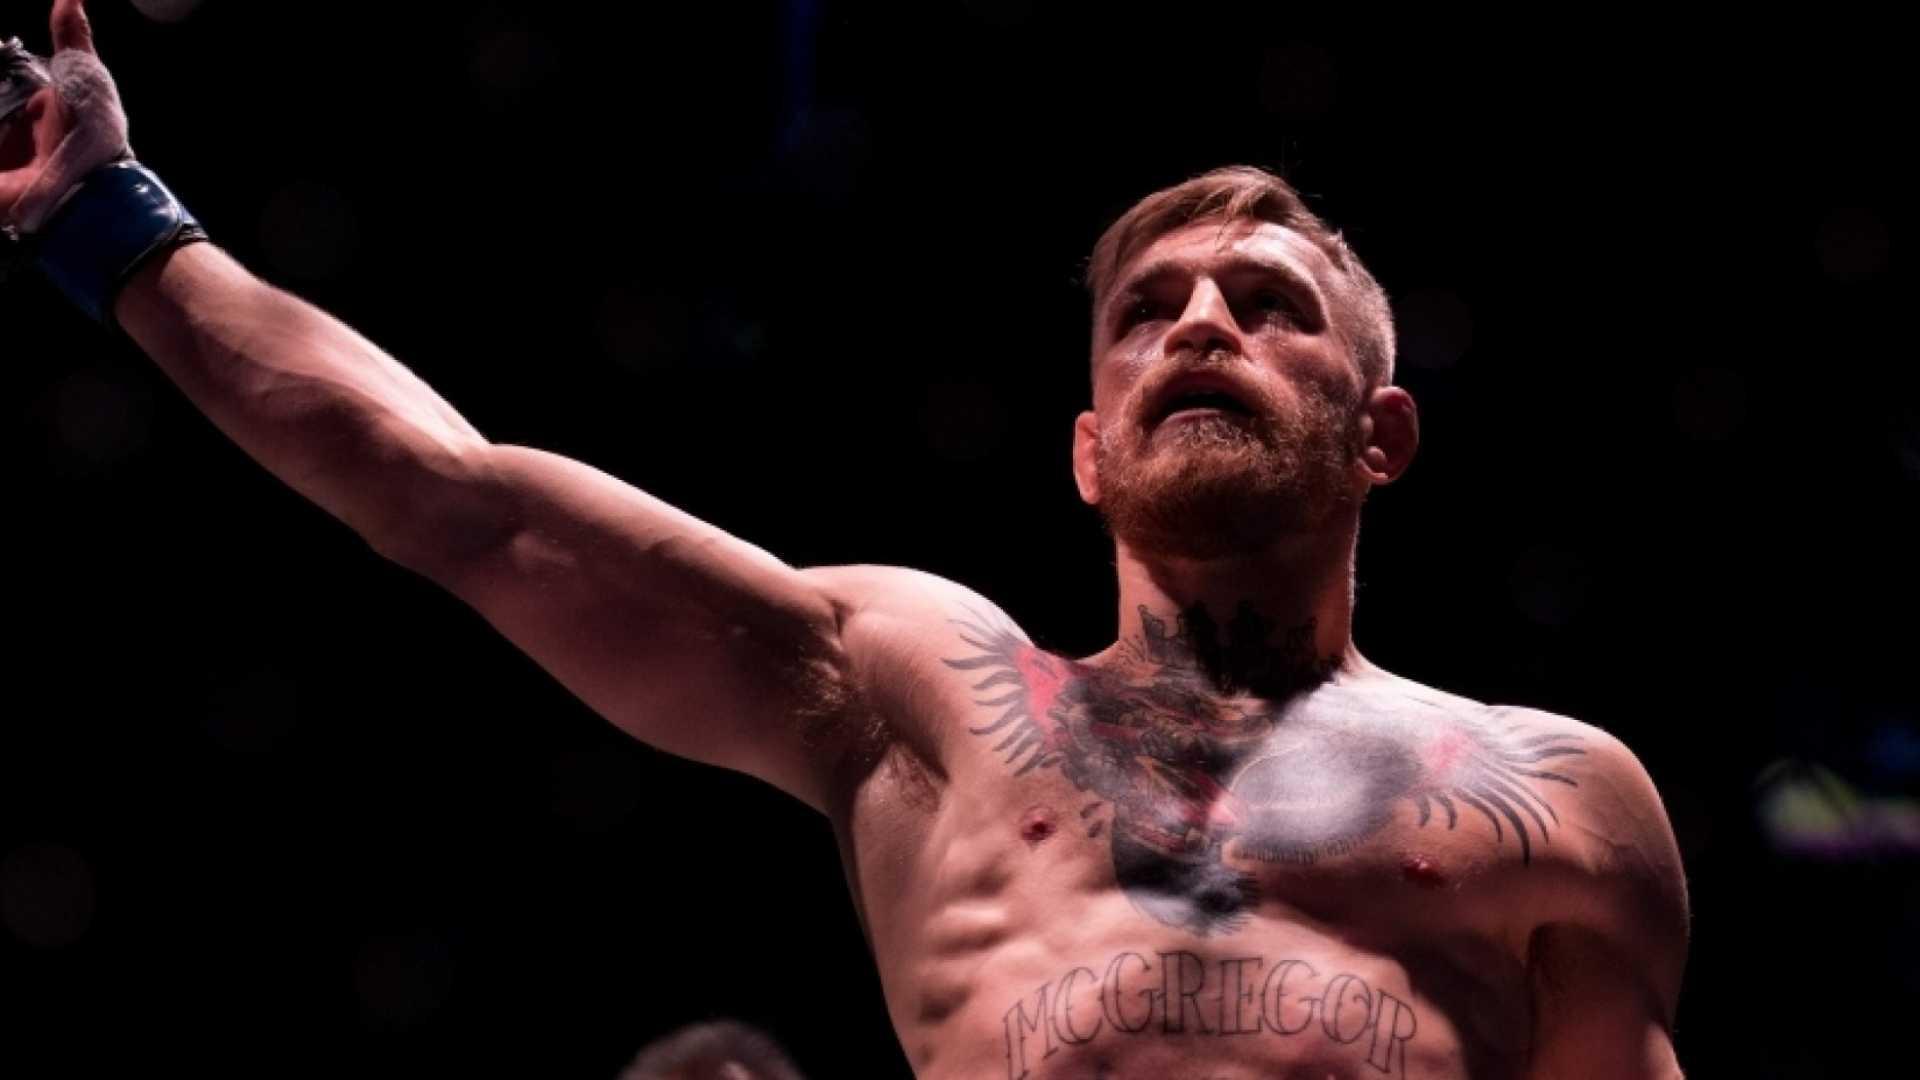 The Surprising Secret to UFC Champion Conor McGregor's Success